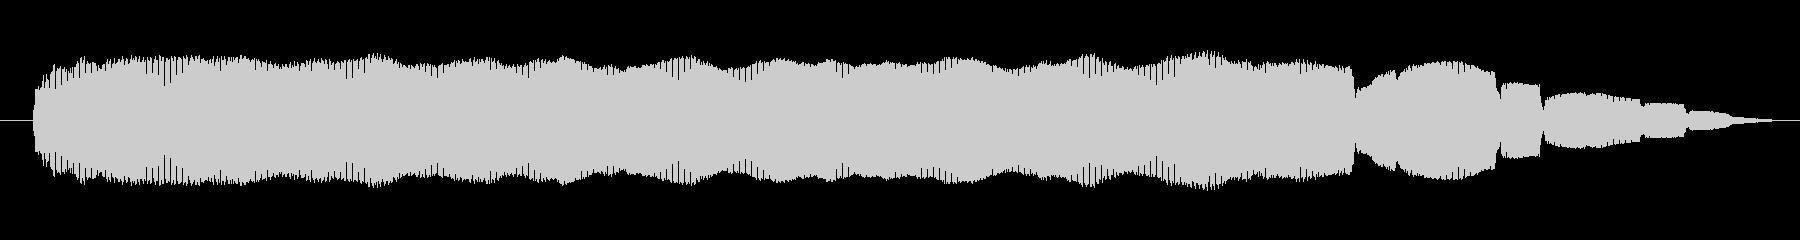 シンセサイザー 金属オルガンハイ03の未再生の波形